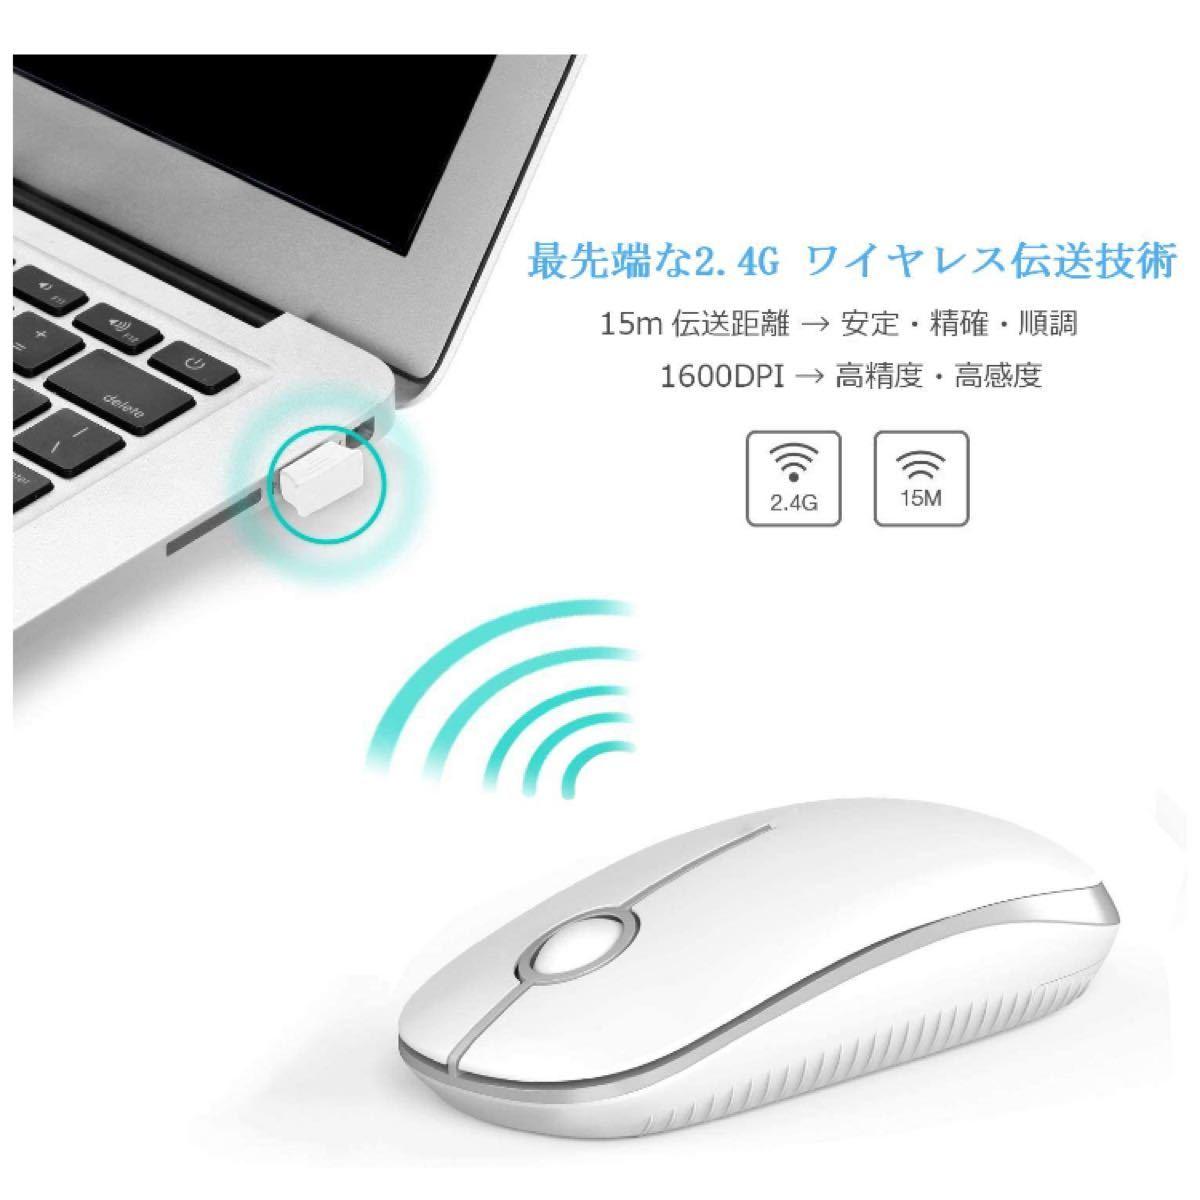 マウス ワイヤレスマウス 無線マウス コンパクト 静音 2.4GHz 1600DPI 高精度 省エネモード(ホワイト+シルバー)